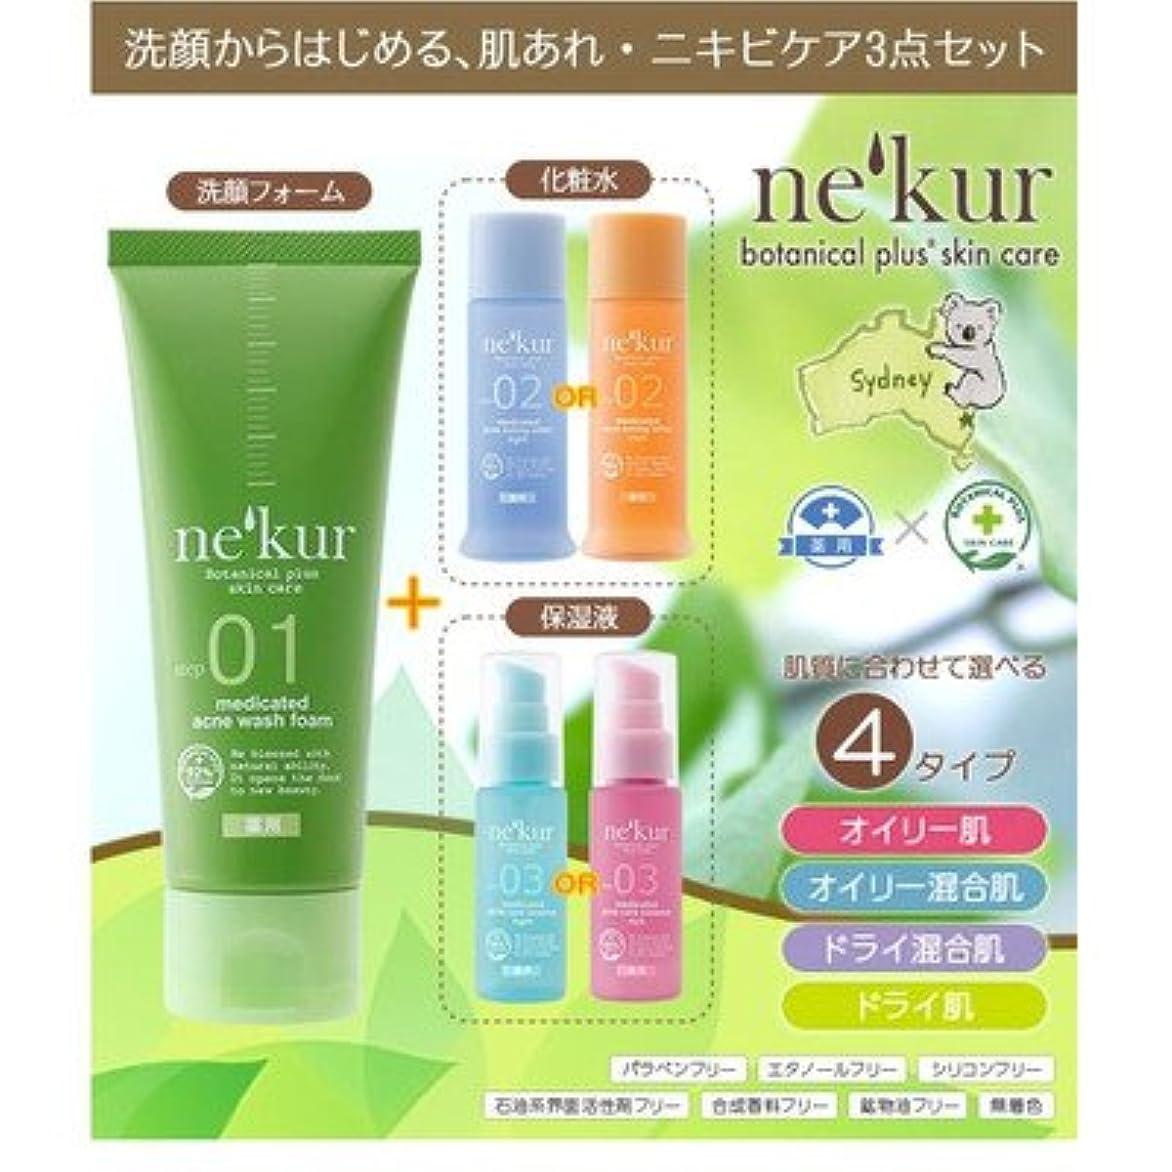 刑務所ミル政策ネクア(nekur) ボタニカルプラススキンケア 薬用アクネ洗顔3点セット ドライ混合肌セット( 画像はイメージ画像です お届けの商品はドライ混合肌セットのみとなります)